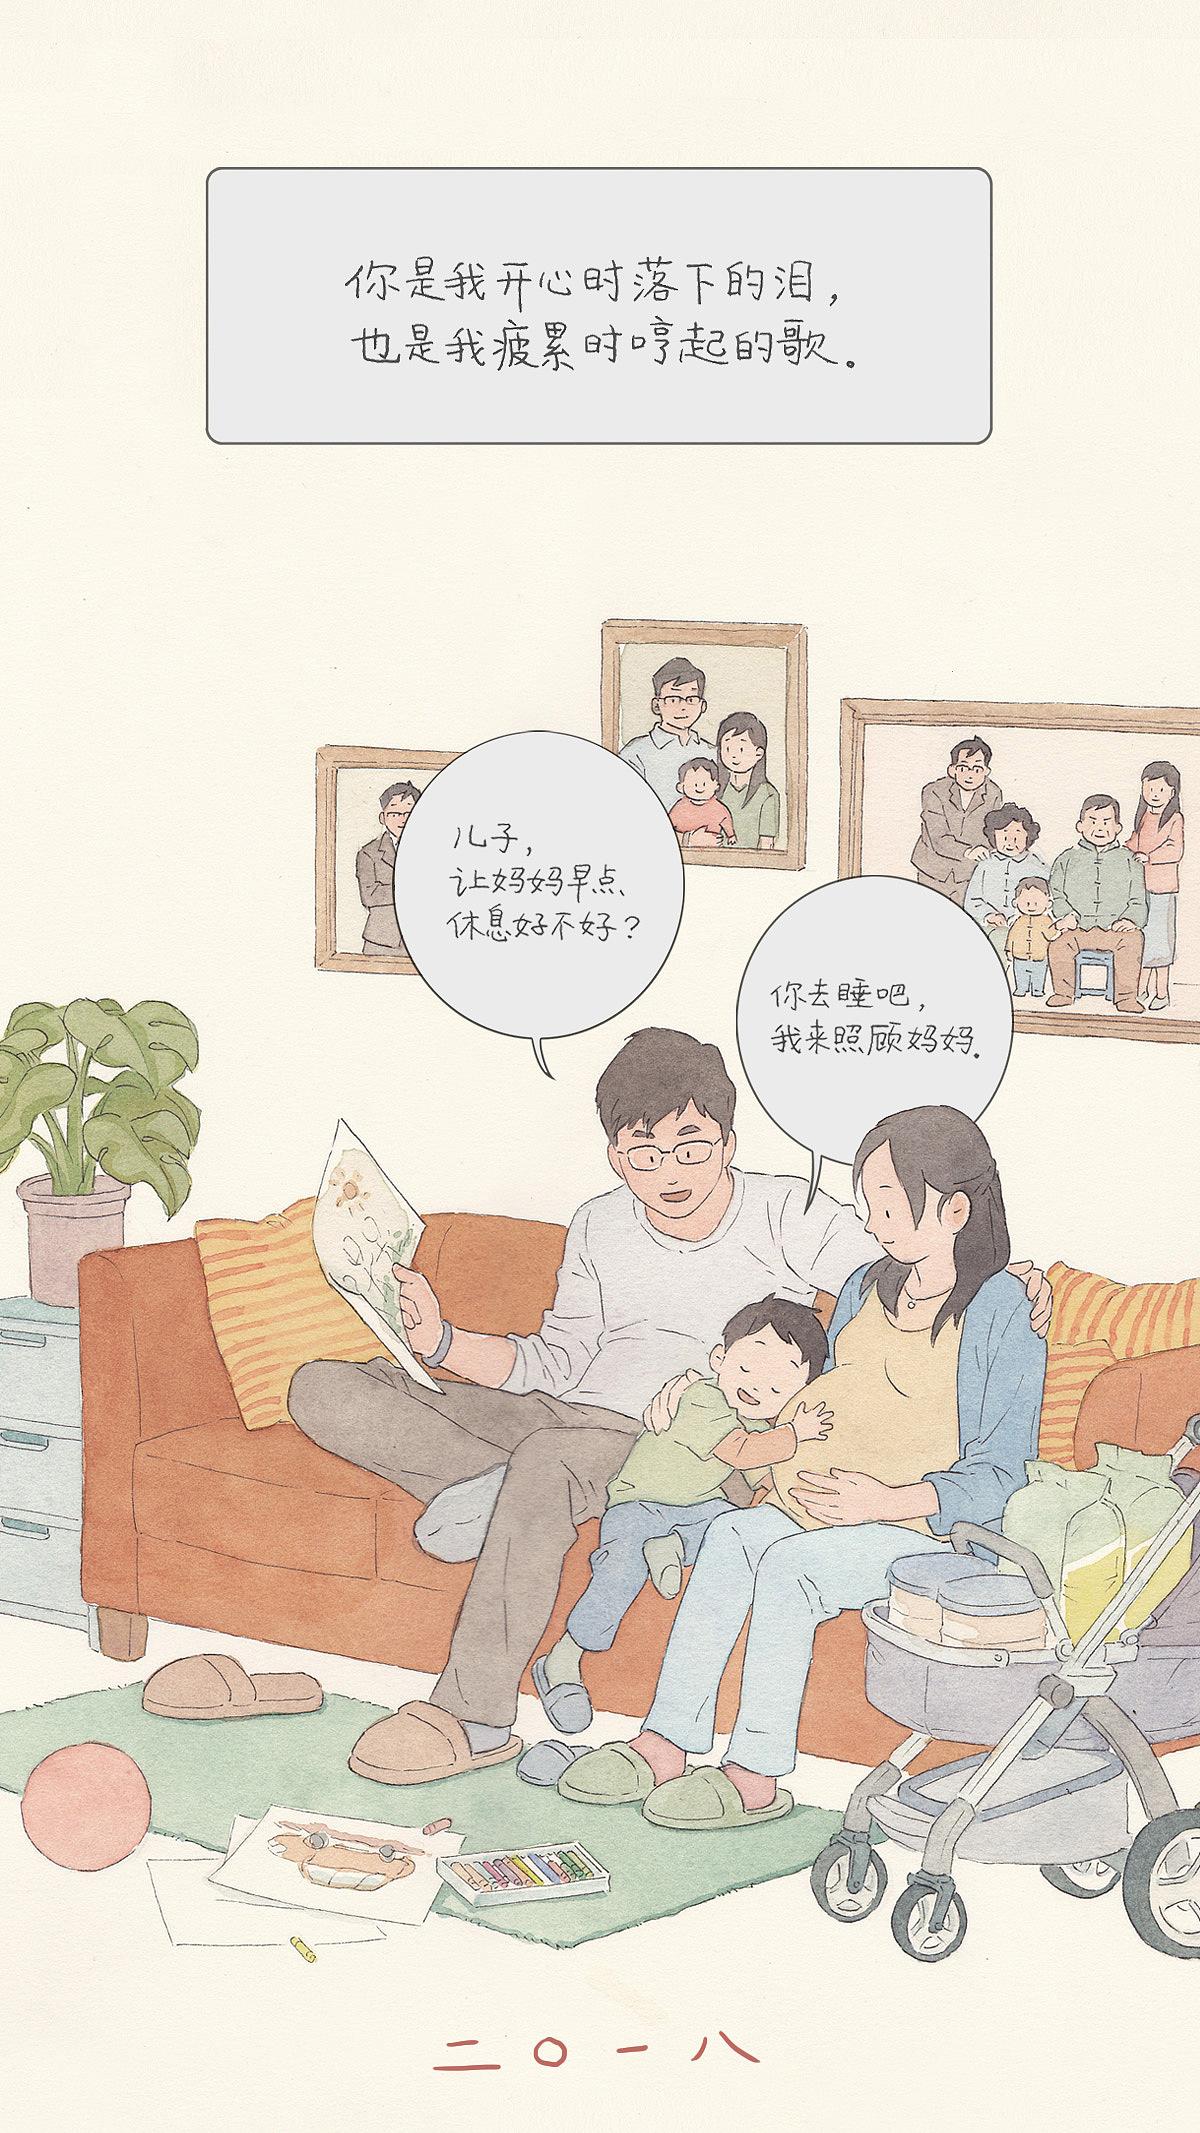 灵童日常之七|人间|单幅漫画|李彬BinLee-原创漫画动漫图片